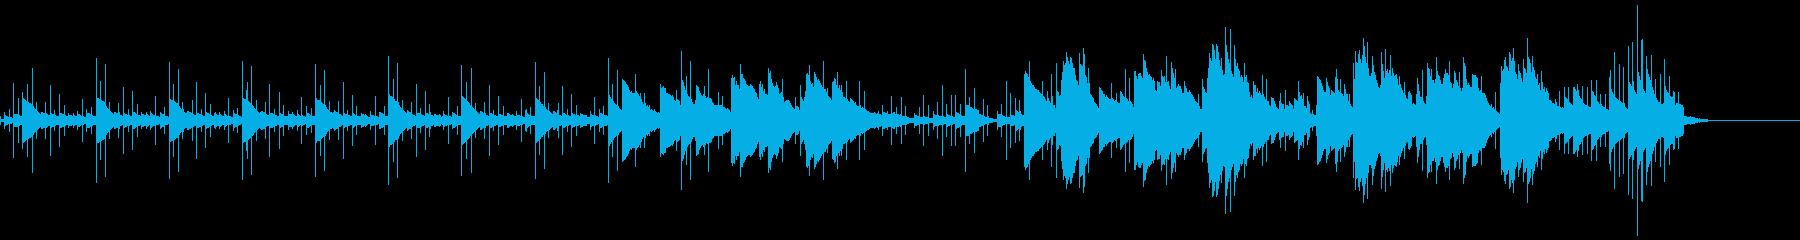 オルゴールなエレクトロニカの再生済みの波形